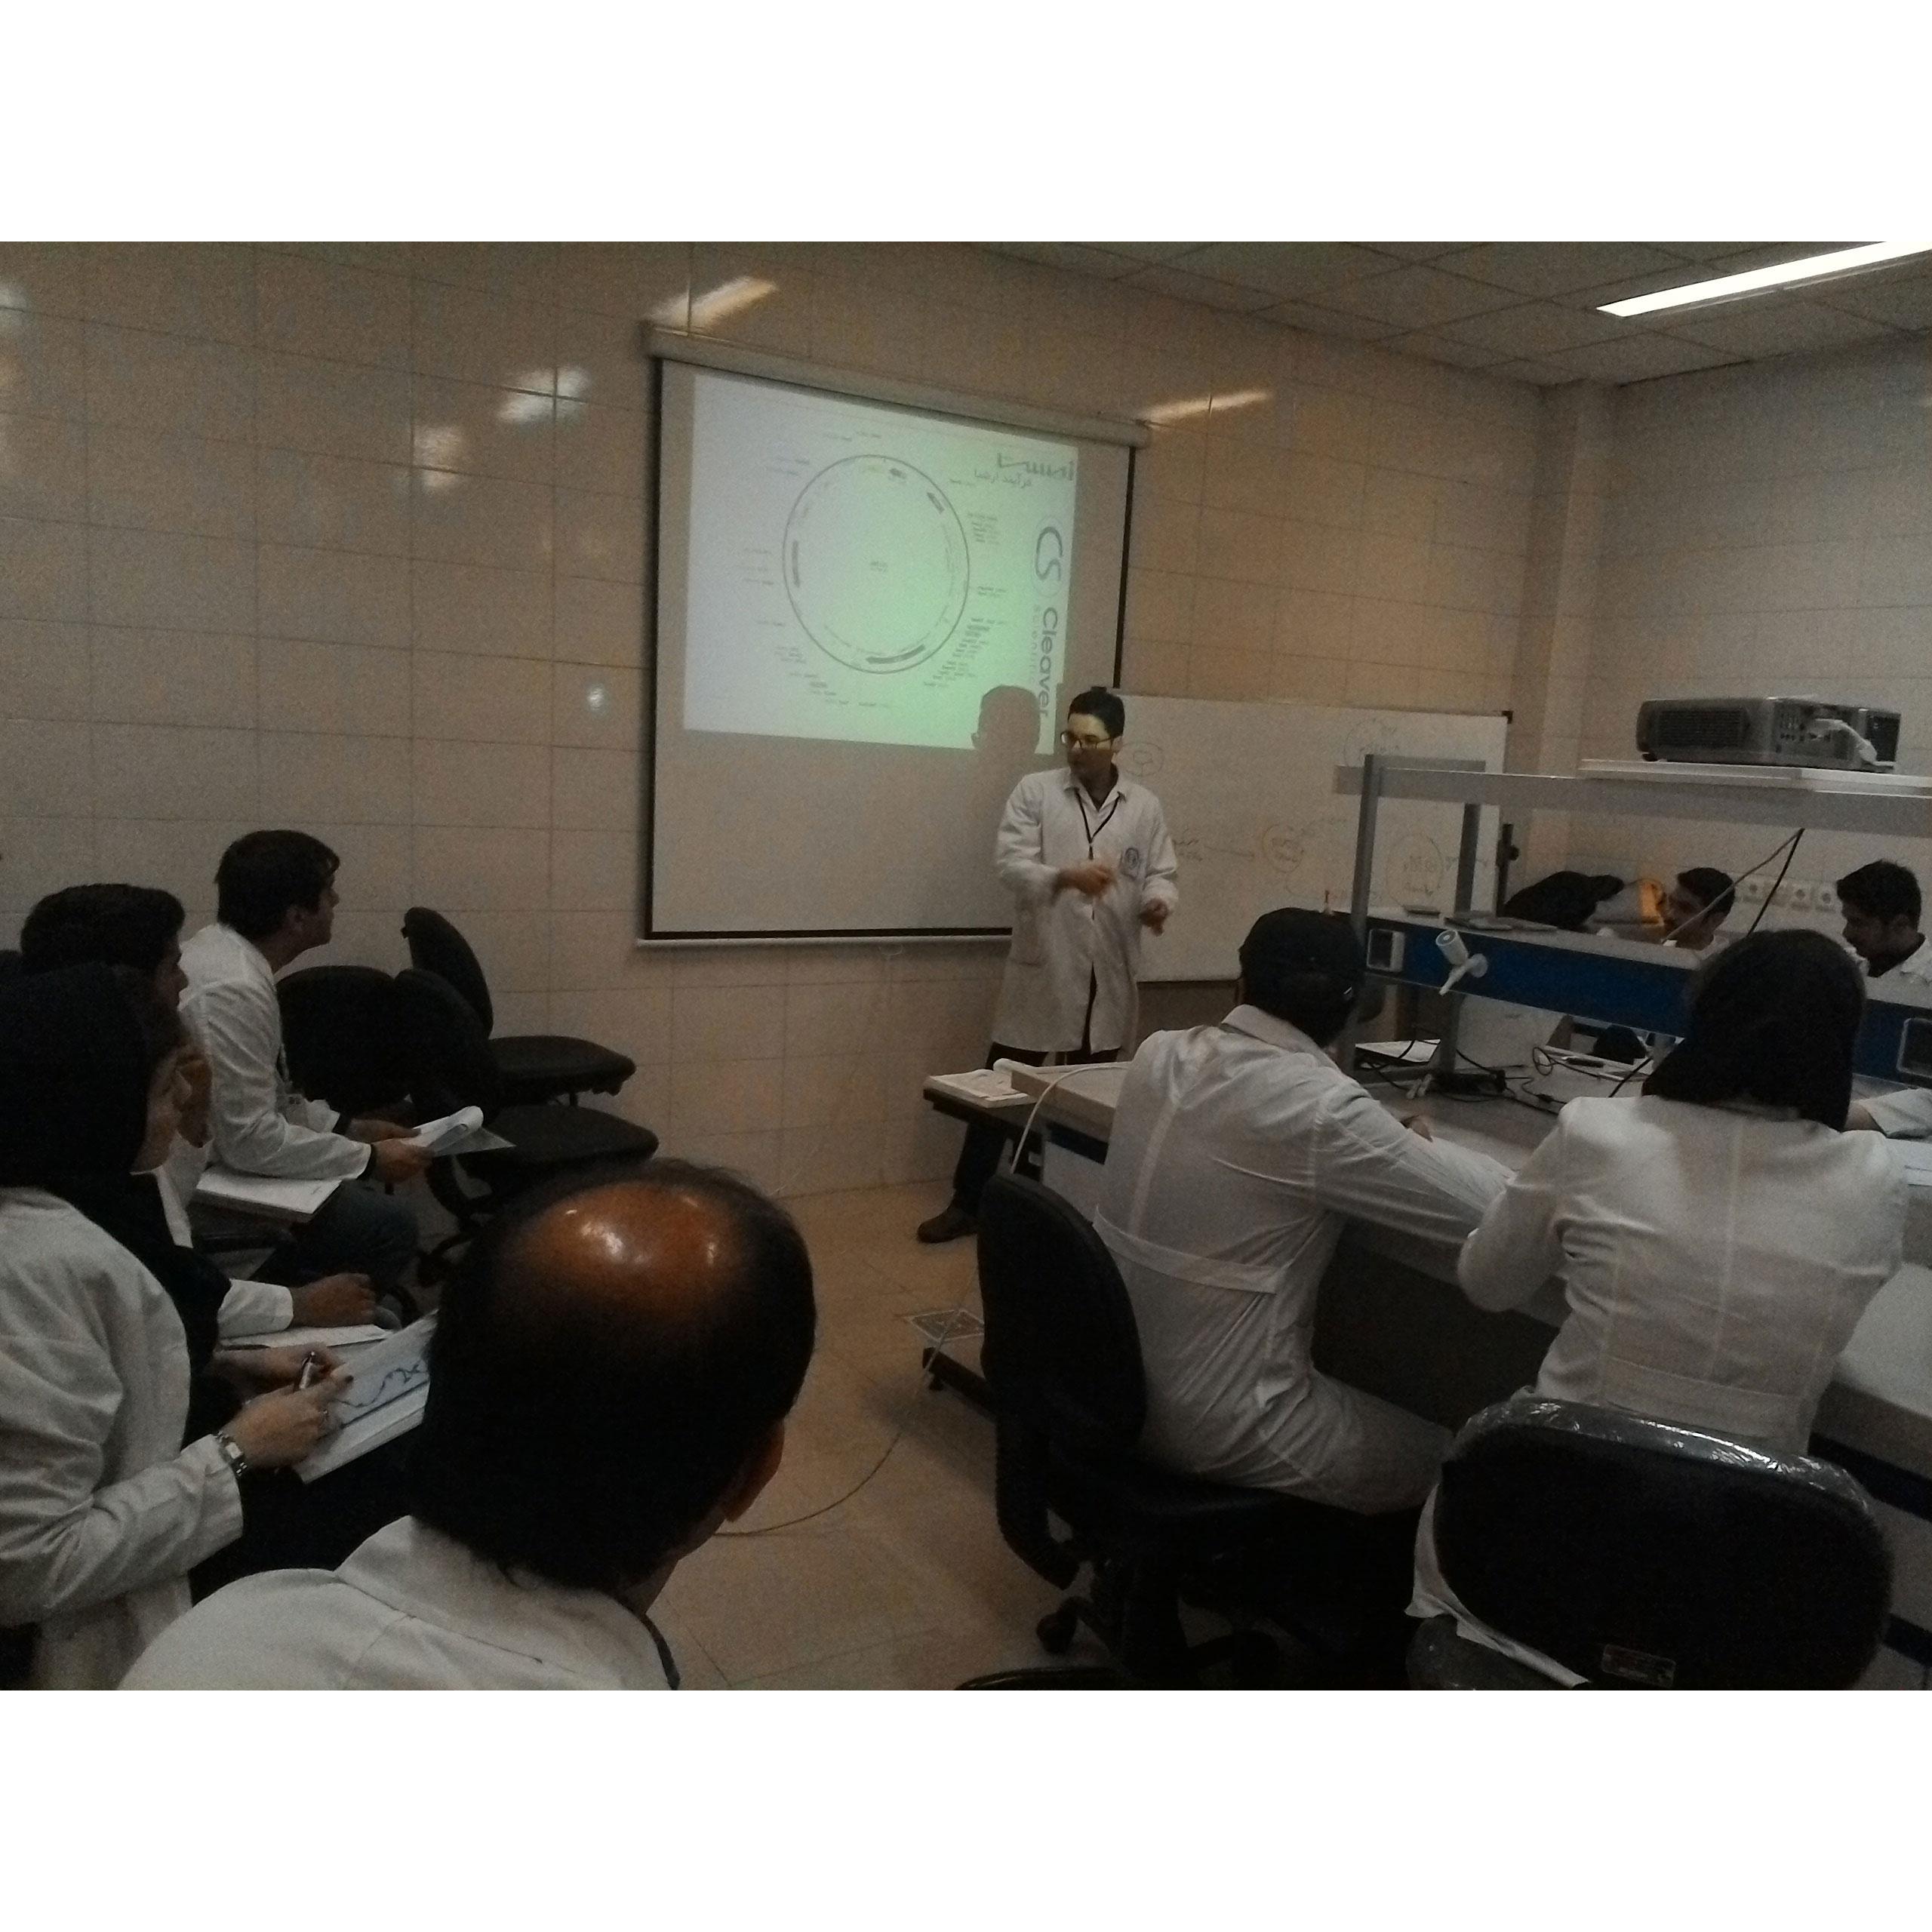 کارگاه تکنیکهای کلونینگ مهندسی ژنتیک